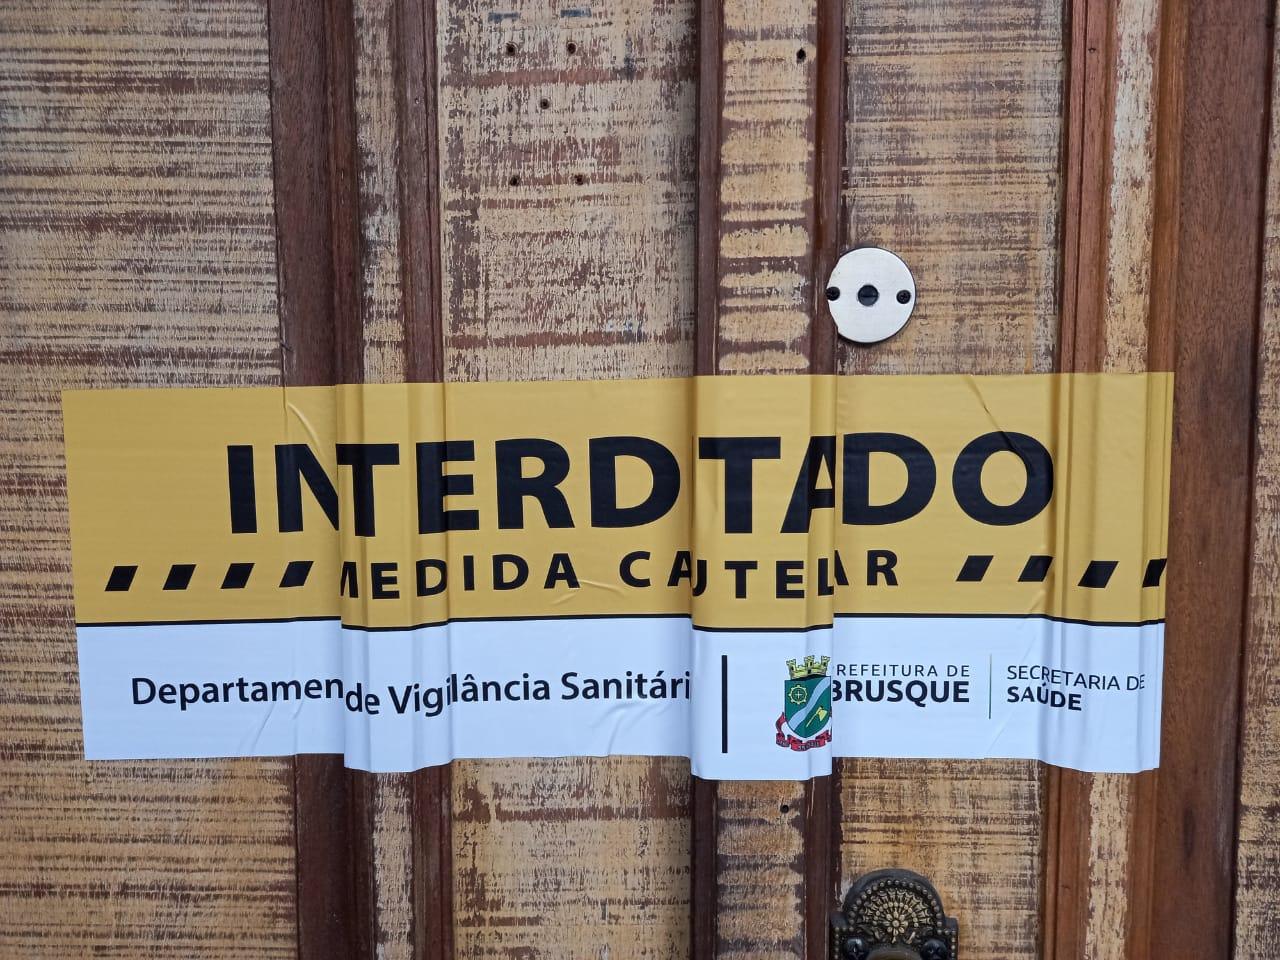 Covid-19: Prefeitura interdita estabelecimento por sete dias